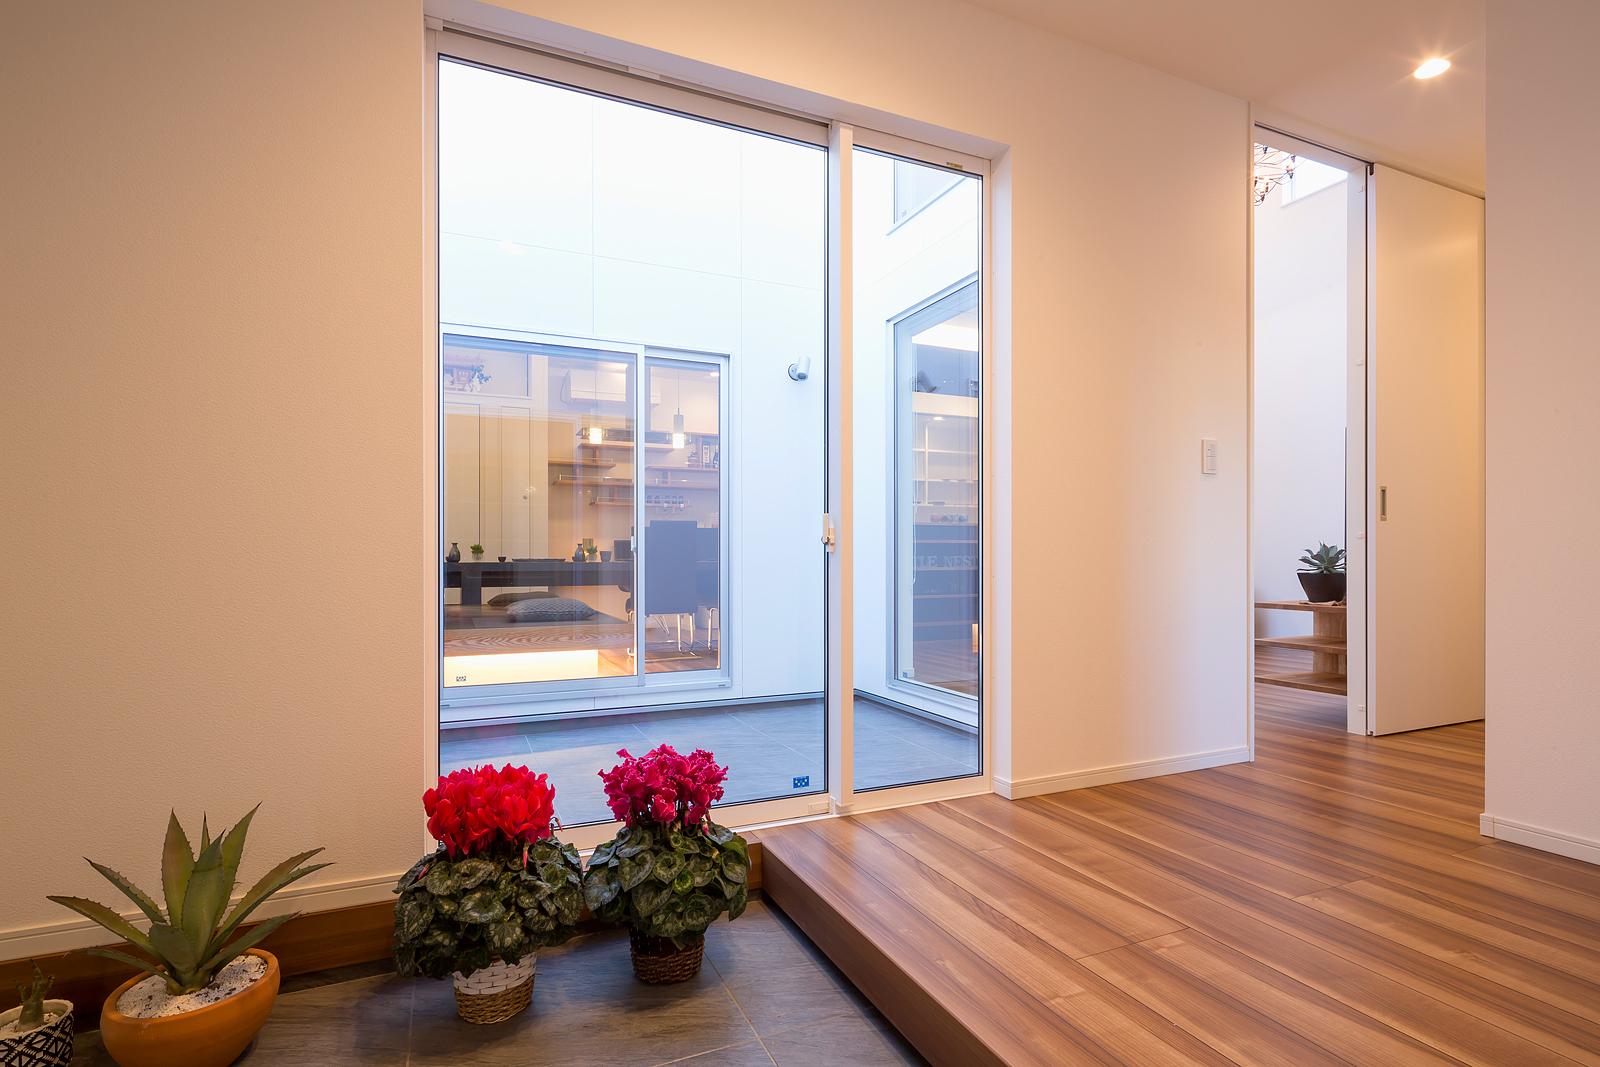 玄関ホールから中庭を挟み、奥にダイニング。写真右側にゲストルーム、さらに奥に主寝室がある